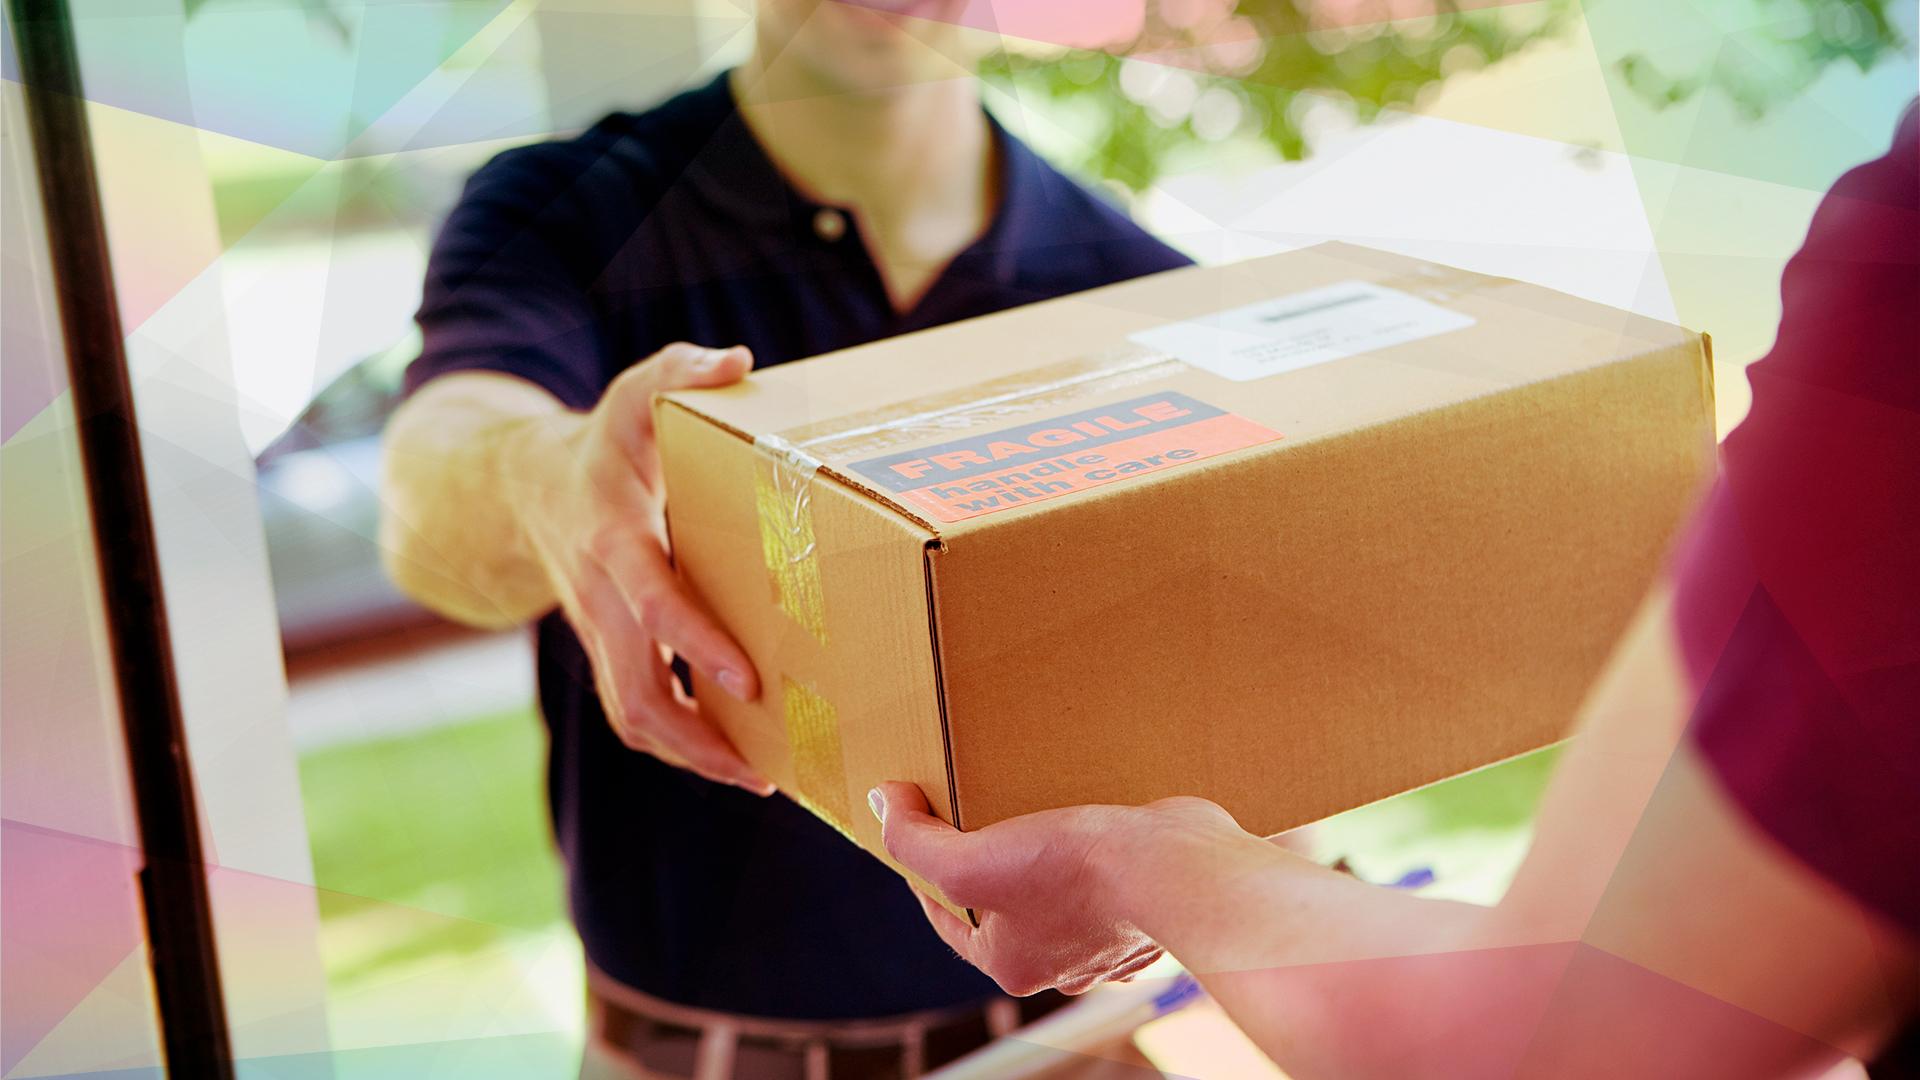 E-Commerce, shopping, Handel, Logistik, Paket, Auslieferung, Zustellung, Kaufen, Post, Pakete, Paketdienst, Paketzusteller, Logistikunternehmen, Home Shopping, Versand-Paket, Paketverfolgung, Postbote, Briefbote, Bote, Übergabe